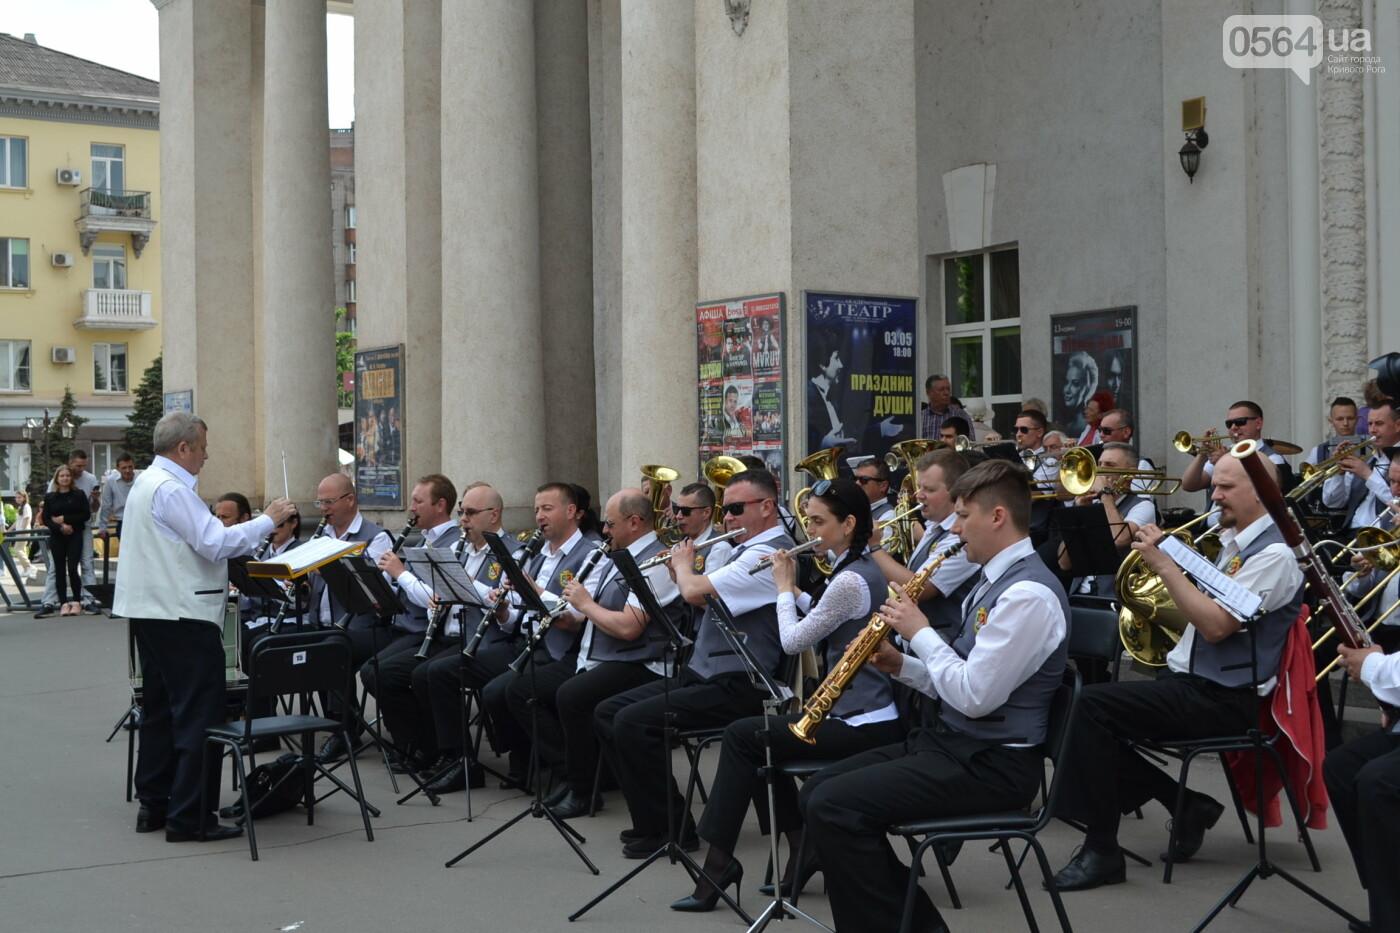 Играют все: на проспекте Почтовом в Кривом Роге проходит фестиваль уличной музыки, - ФОТО, ВИДЕО, фото-13